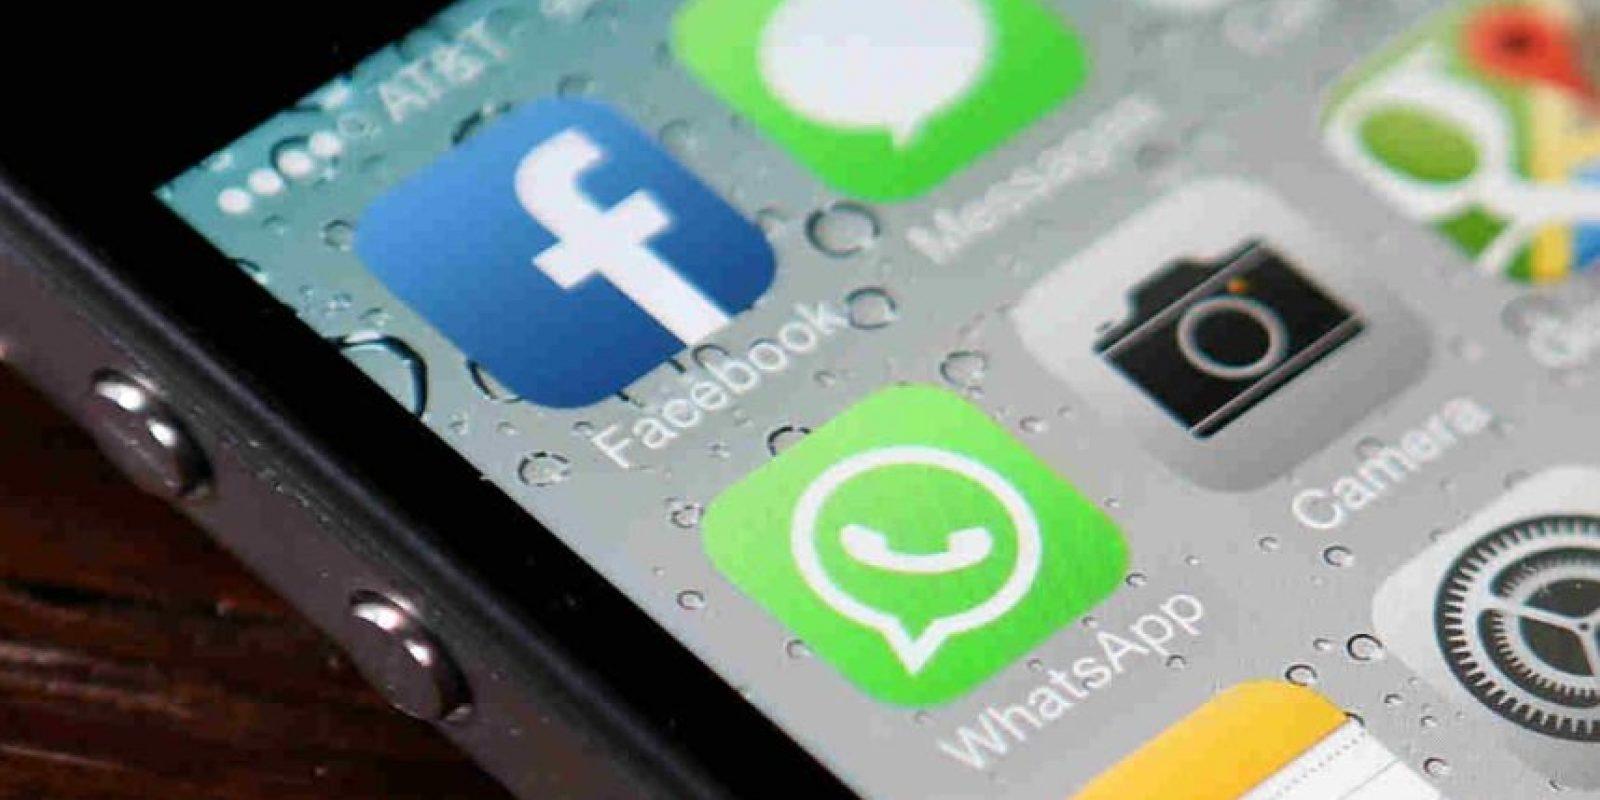 Se rumora que pronto podrían llegar las videollamadas al mensajero. Foto:Getty Images. Imagen Por: